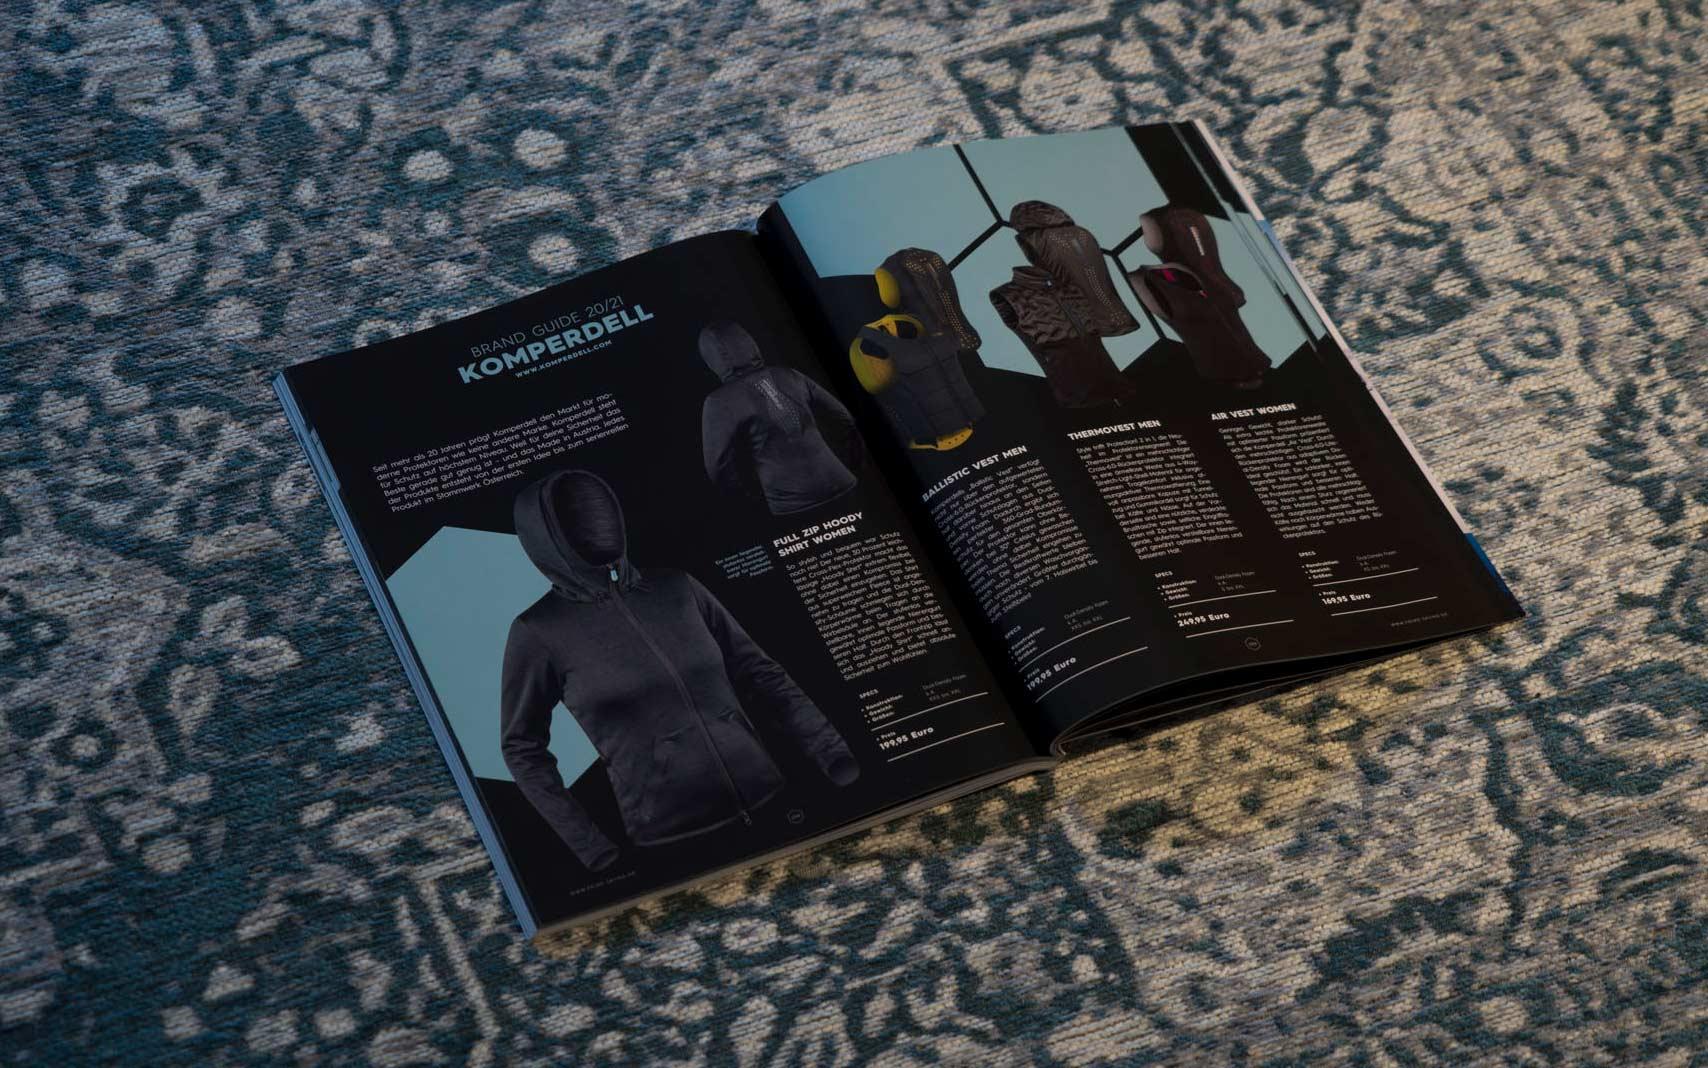 Komperdell in der PRIME Skiing Brandguide 2021 Printausgabe